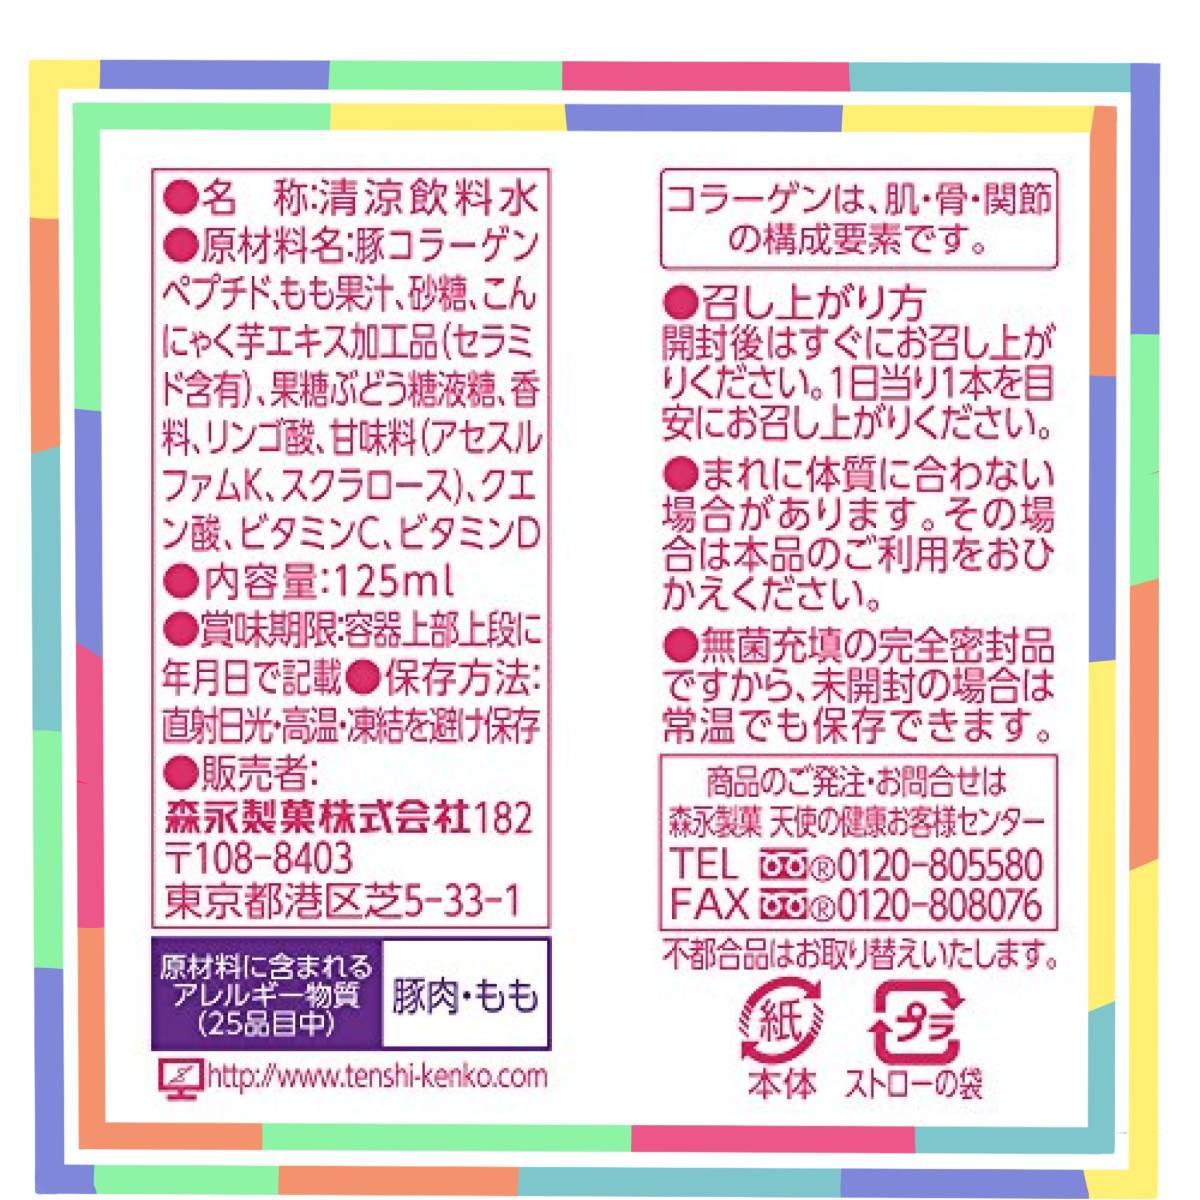 ★赤字覚悟★森永製菓 おいしいコラーゲンドリンク 125ml×12本 ピーチ味 [ 美容 コラーゲン セラミド ビタ_画像2